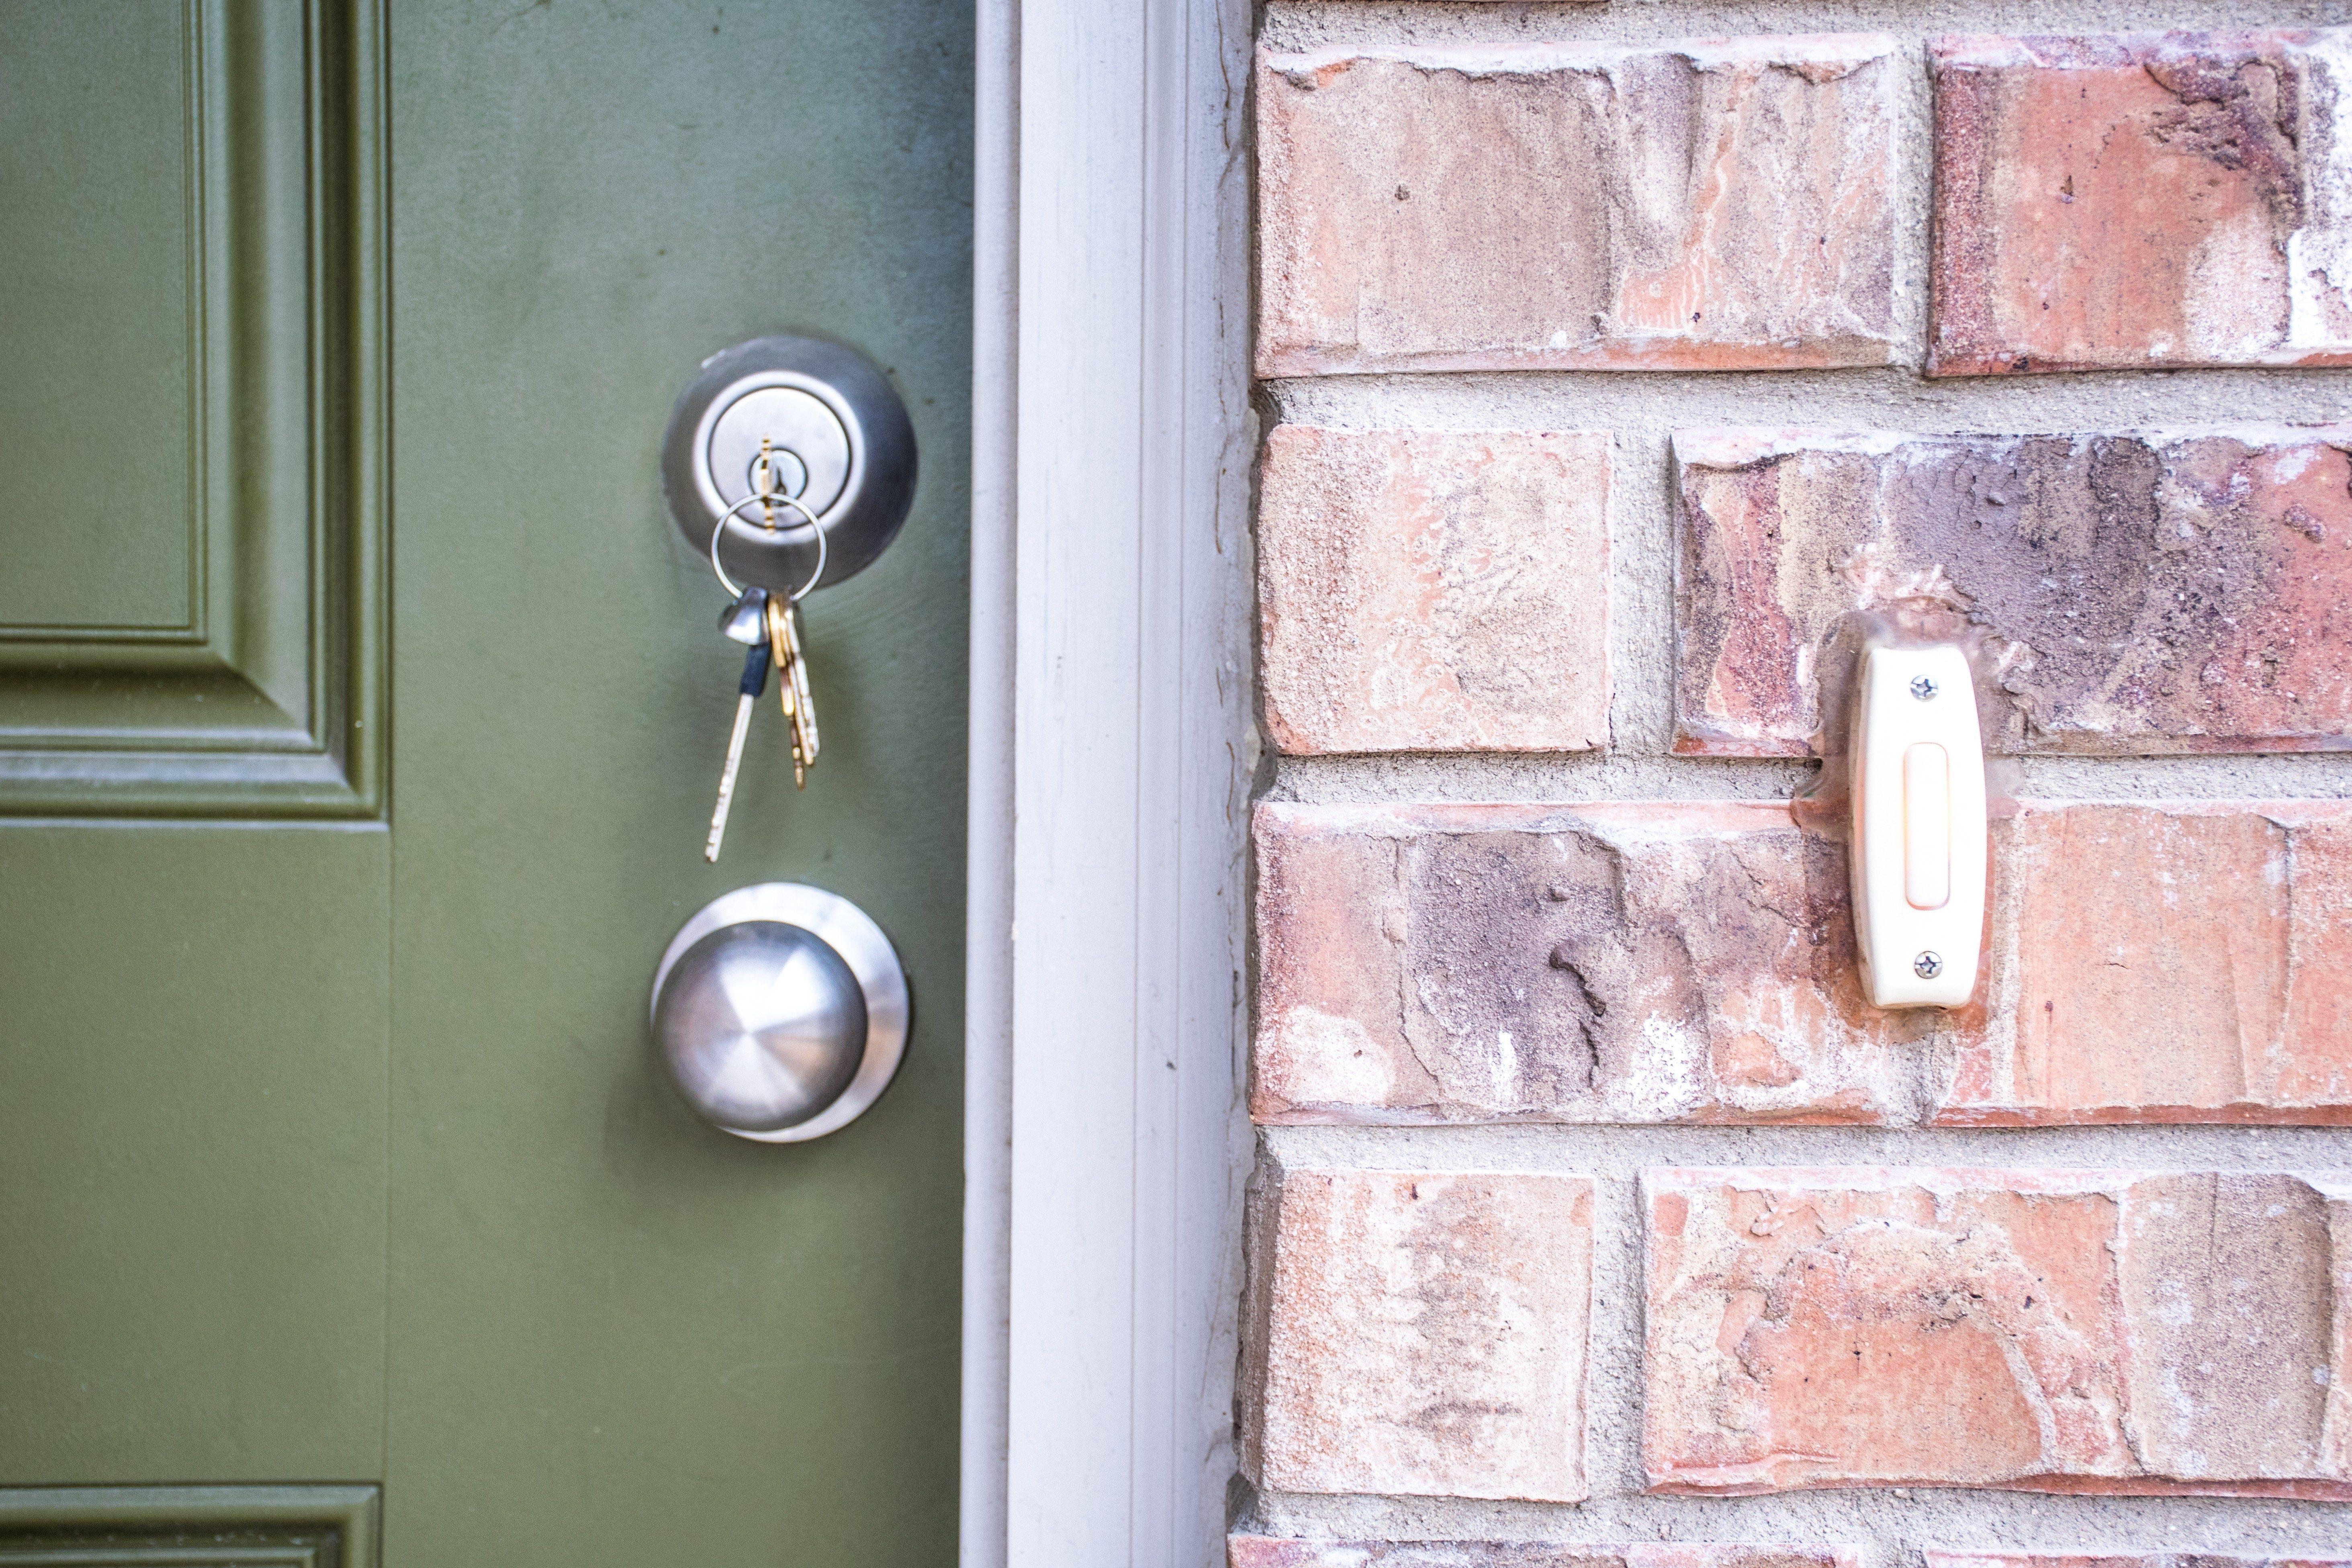 Keys inside front door Deadbolt of new Brick Home. Door bell and green front door.